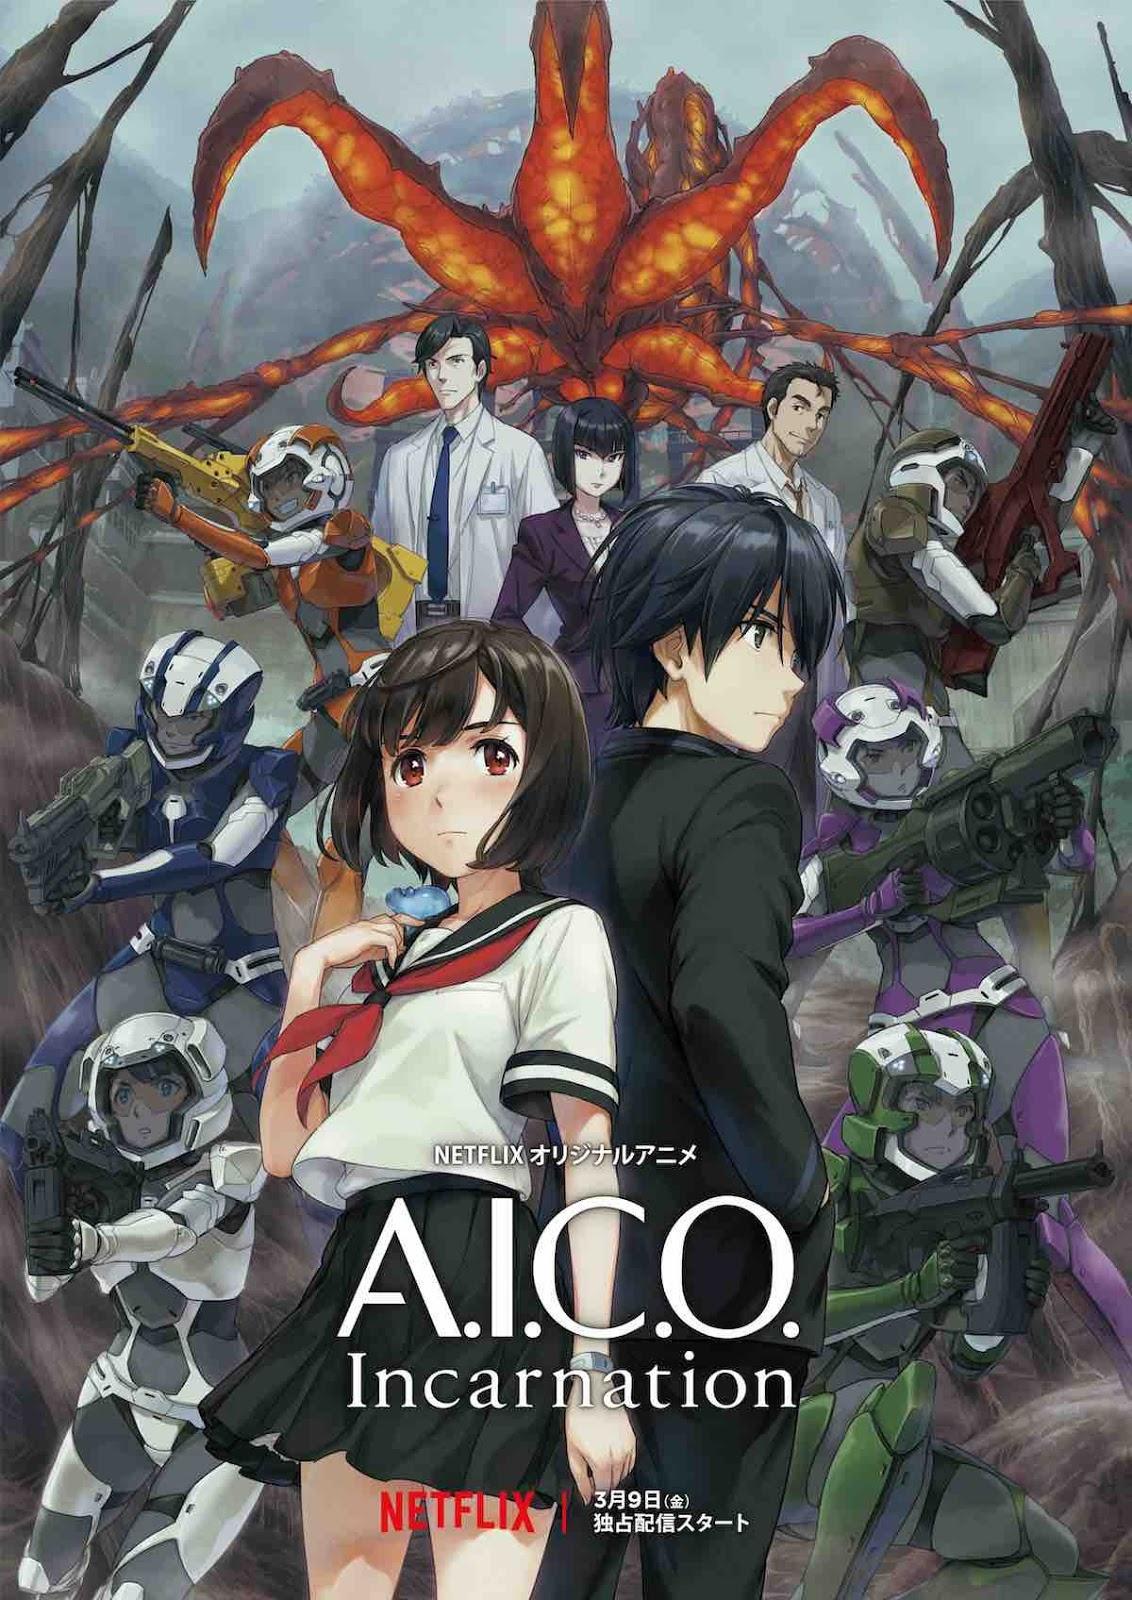 A.I.C.O Incarnation, novo anime original da Netflix ganha trailer e data de estreia!